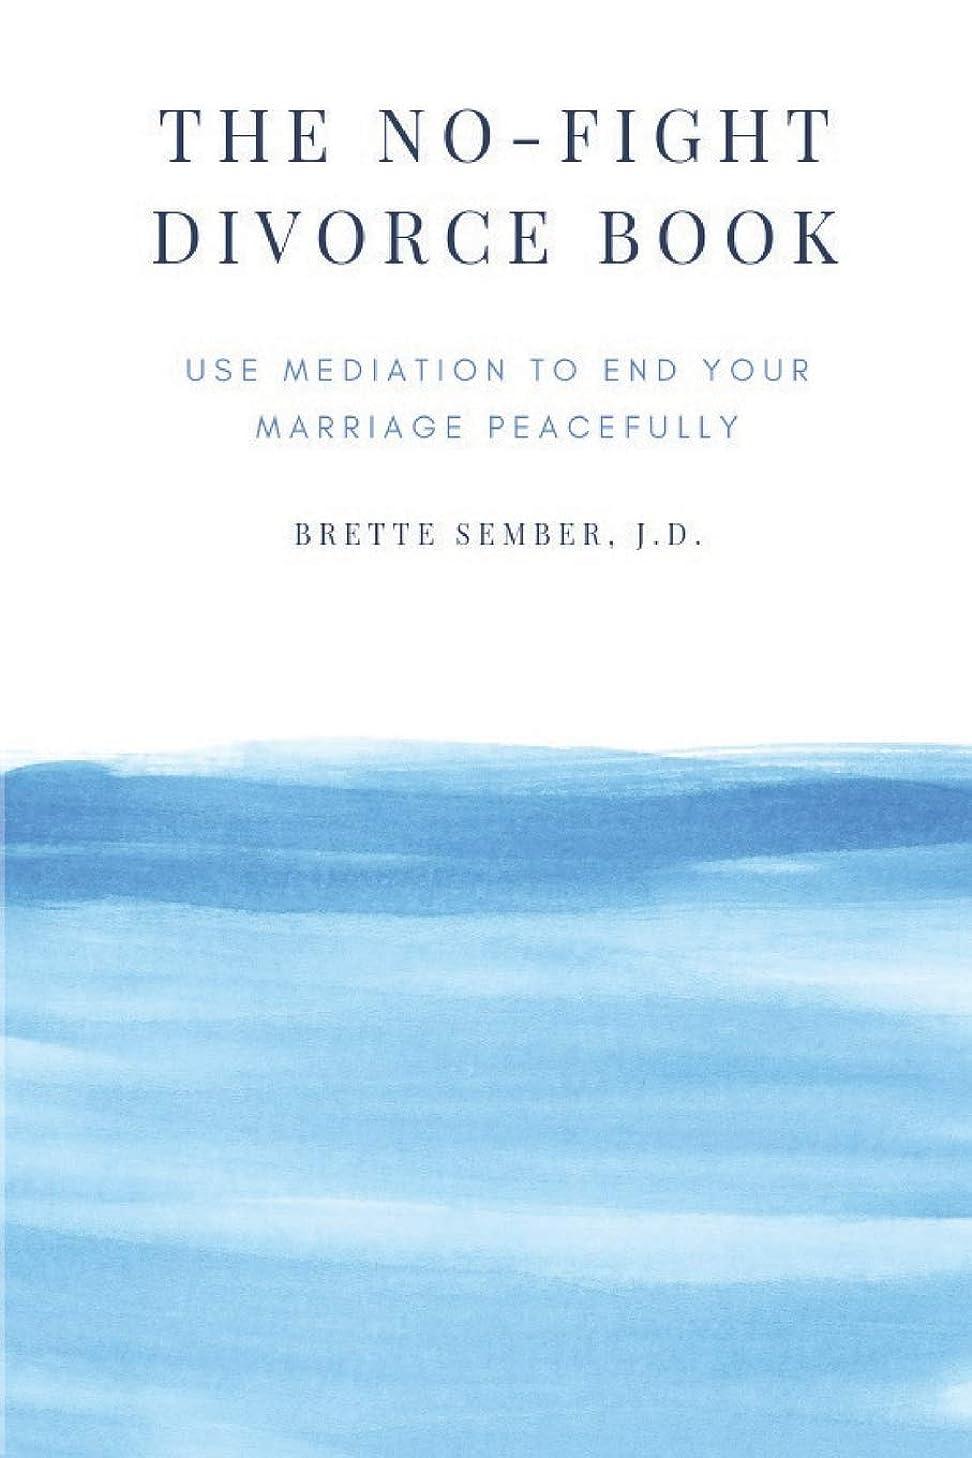 戦う警告格納The No-Fight Divorce Book: Use Mediation to Save Money, Reduce Conflict, and End Your Marriage without Fighting